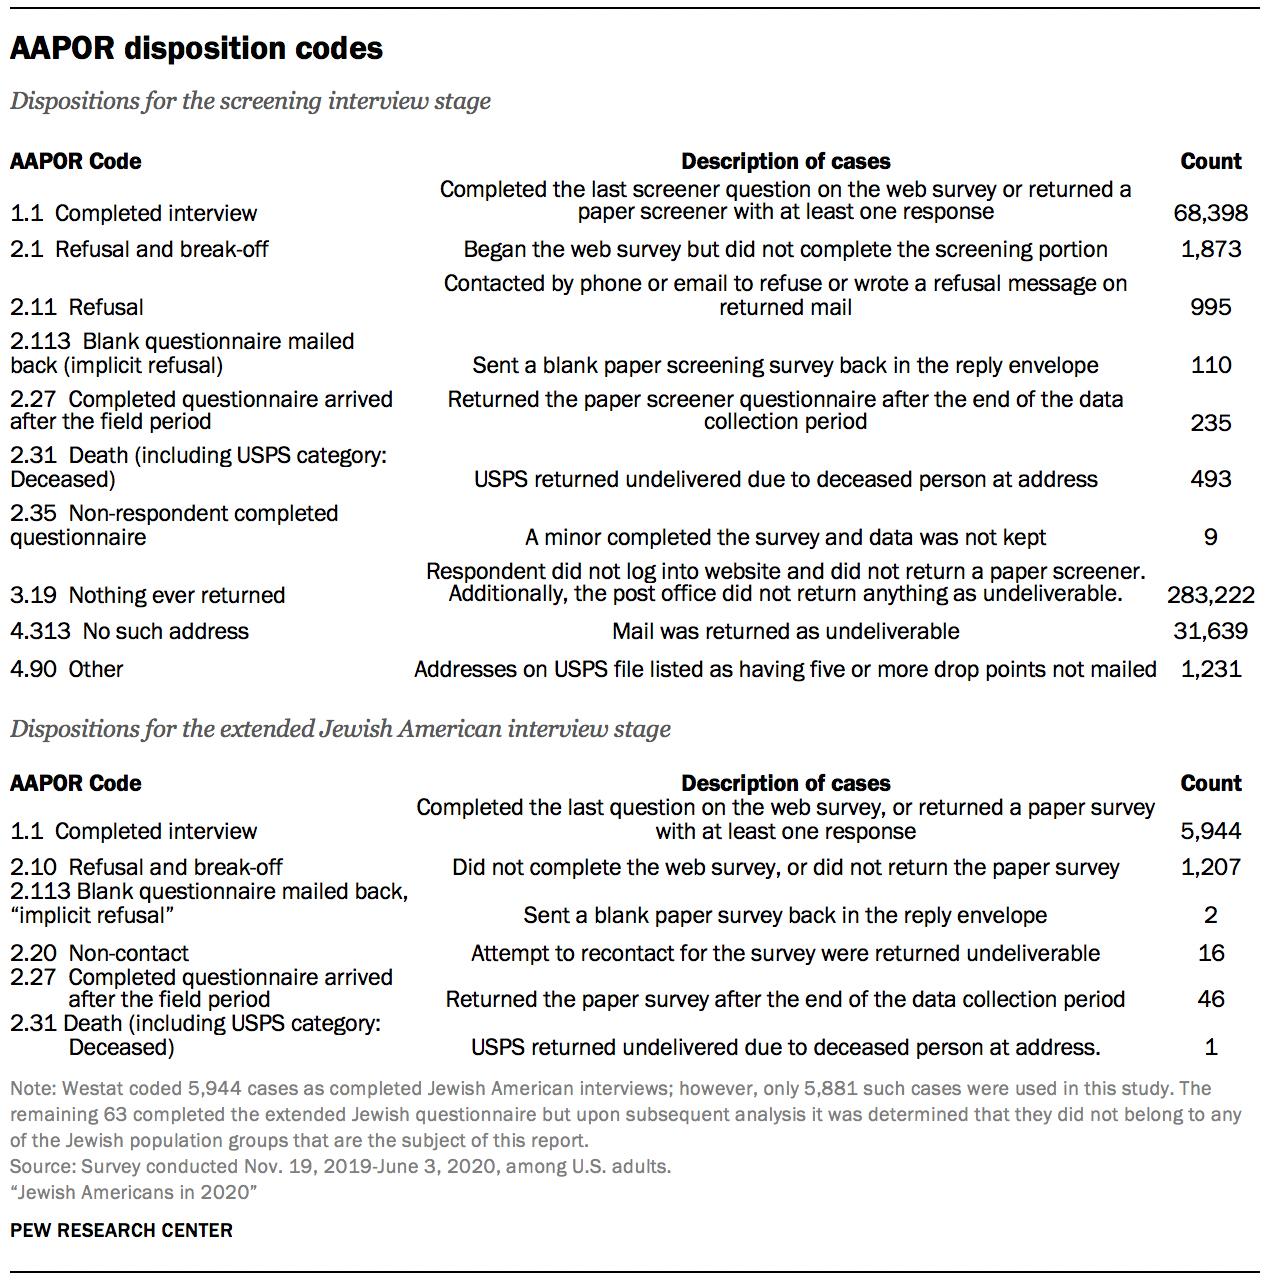 AAPOR disposition codes